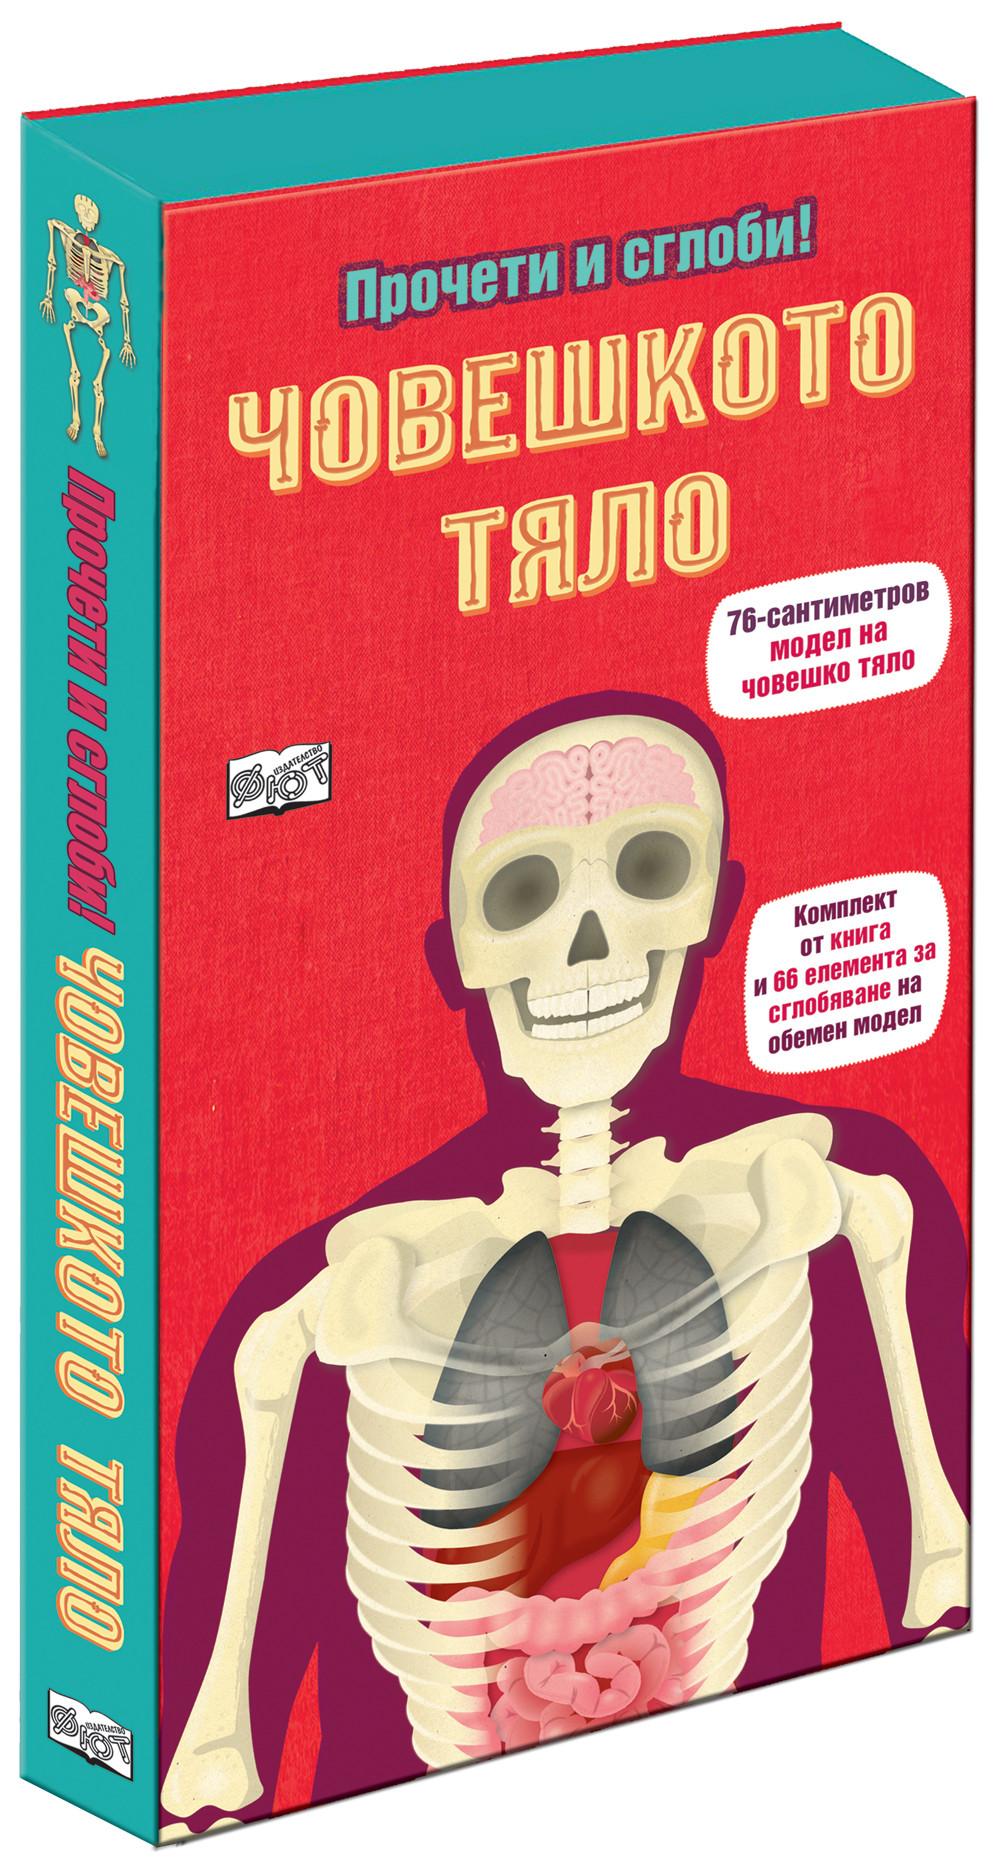 Човешкото тяло - прочети и сглоби!